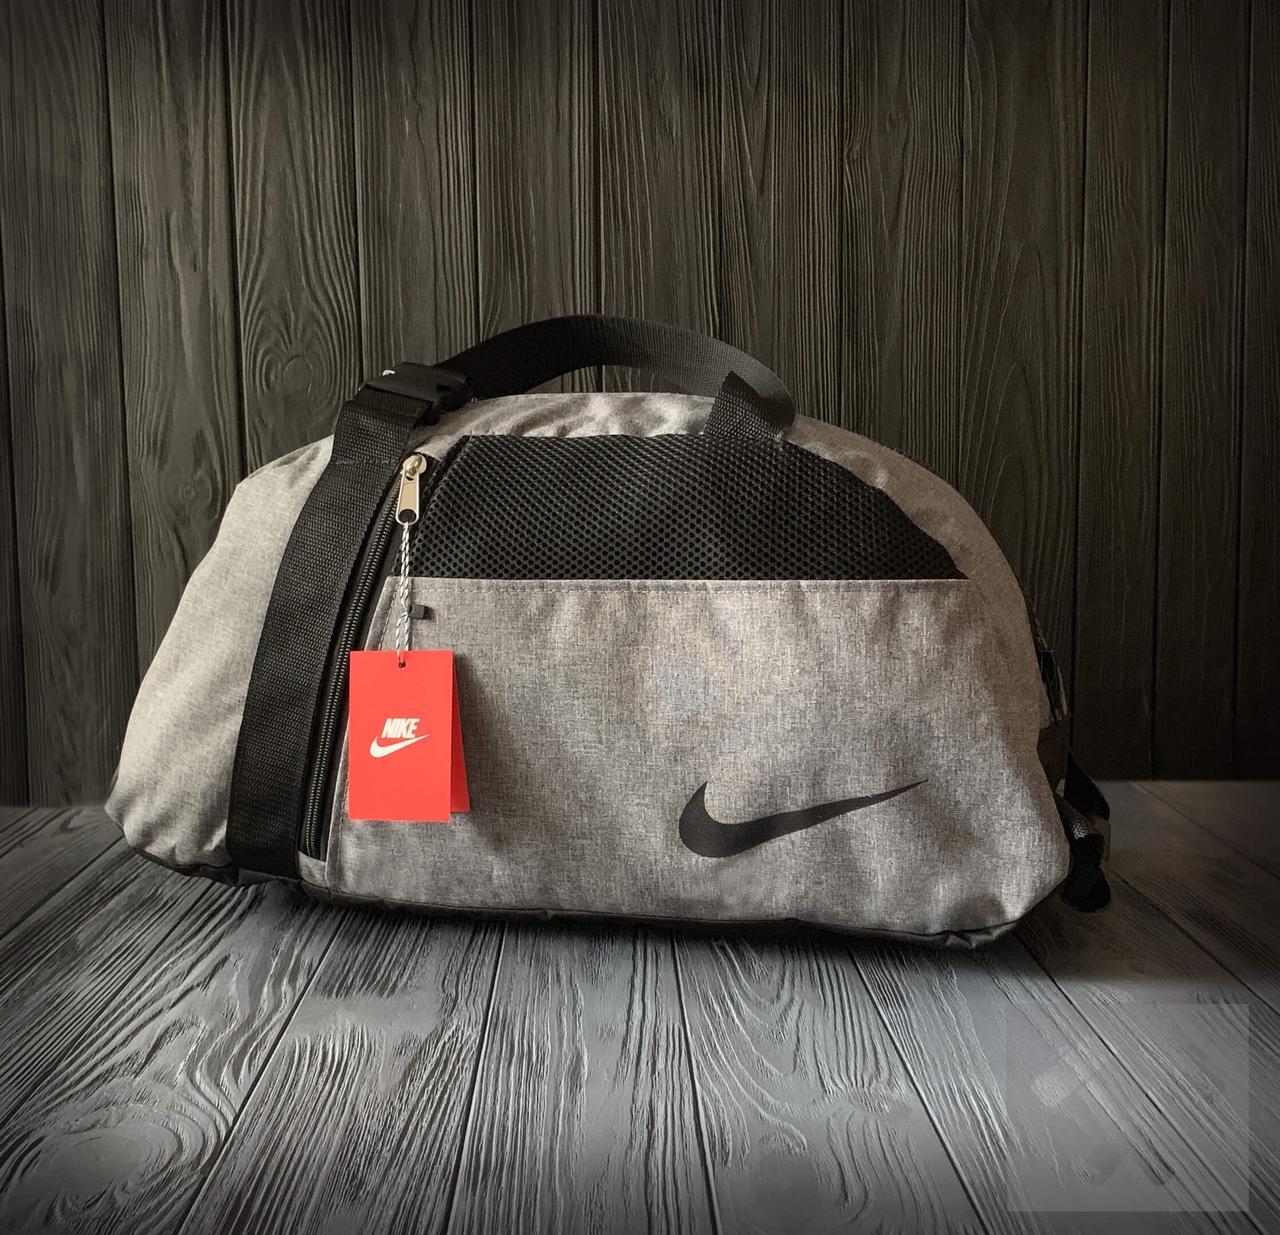 58827c4f Спортивная сумка Найк серого цвета - Интернет магазин обуви «im-РоLLi» в  Киеве